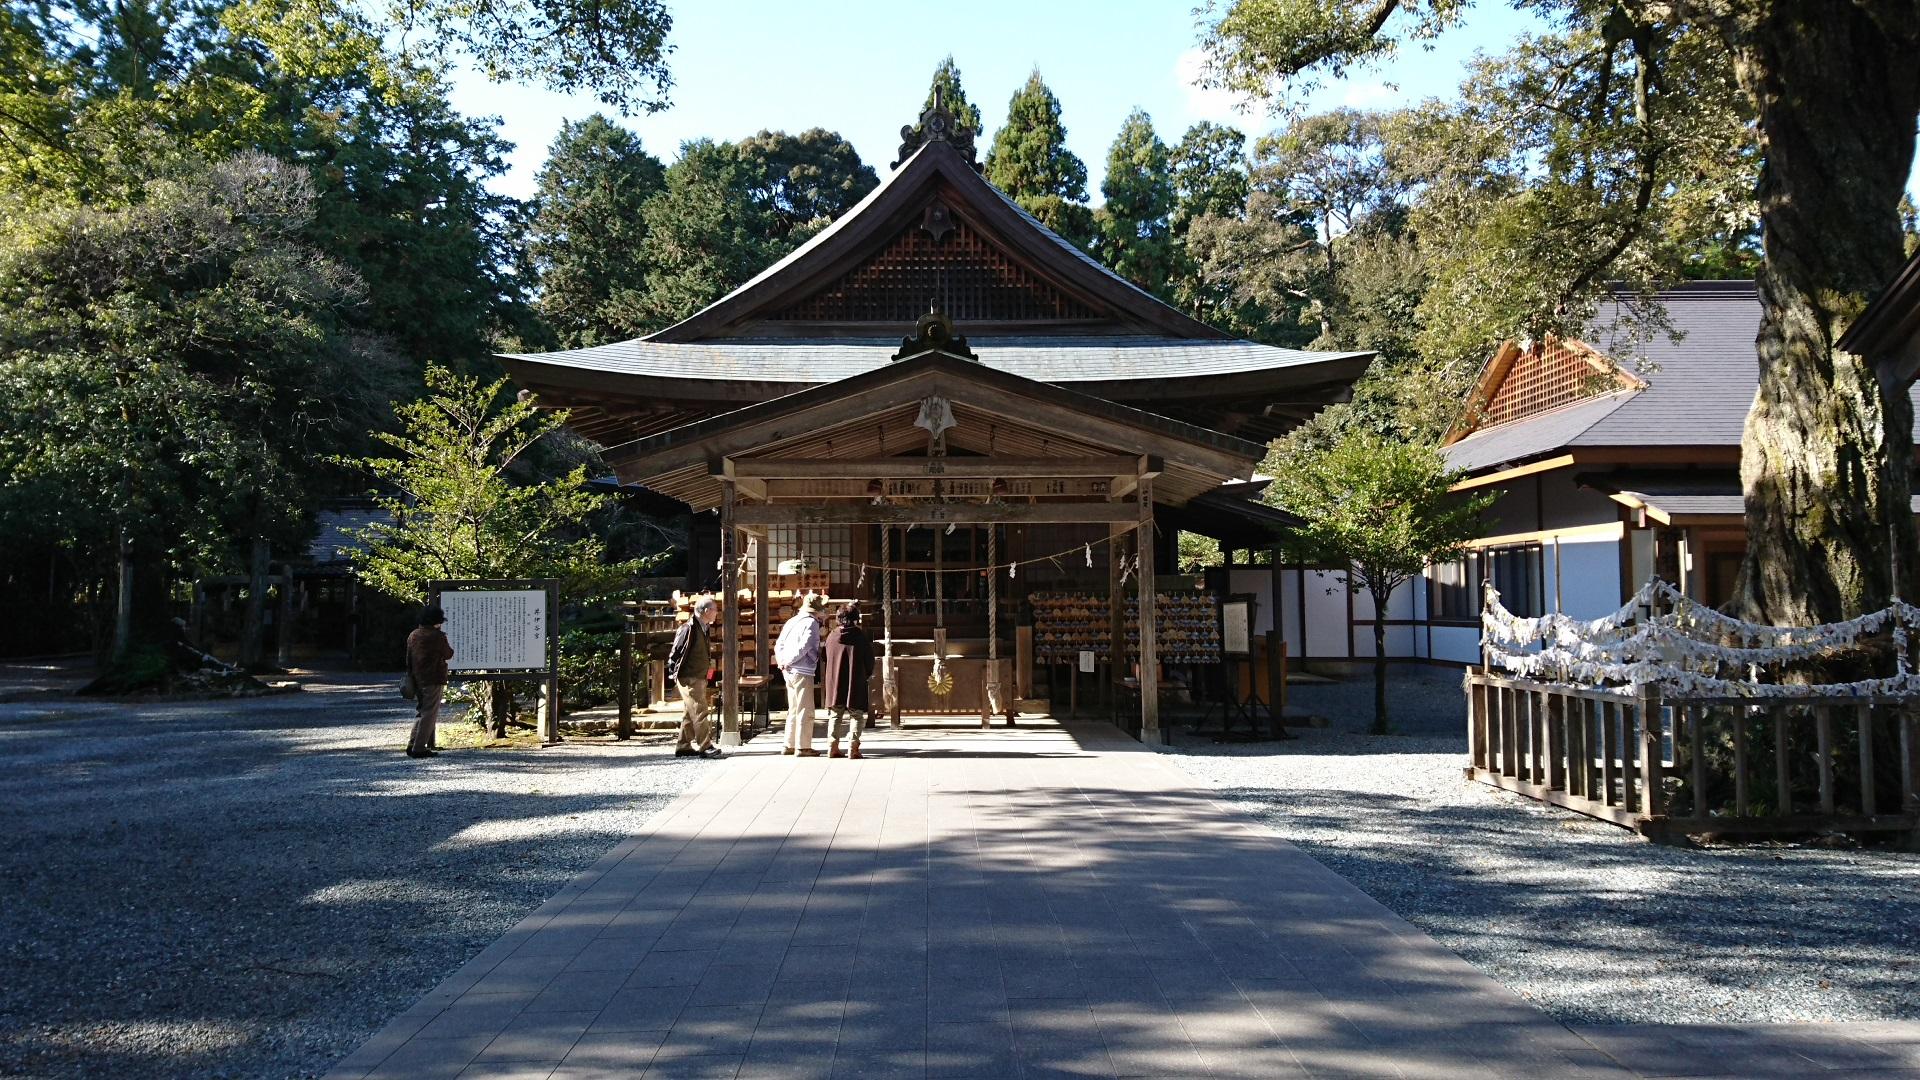 2016.12.23 井伊谷宮 - 拝殿 1920-1080